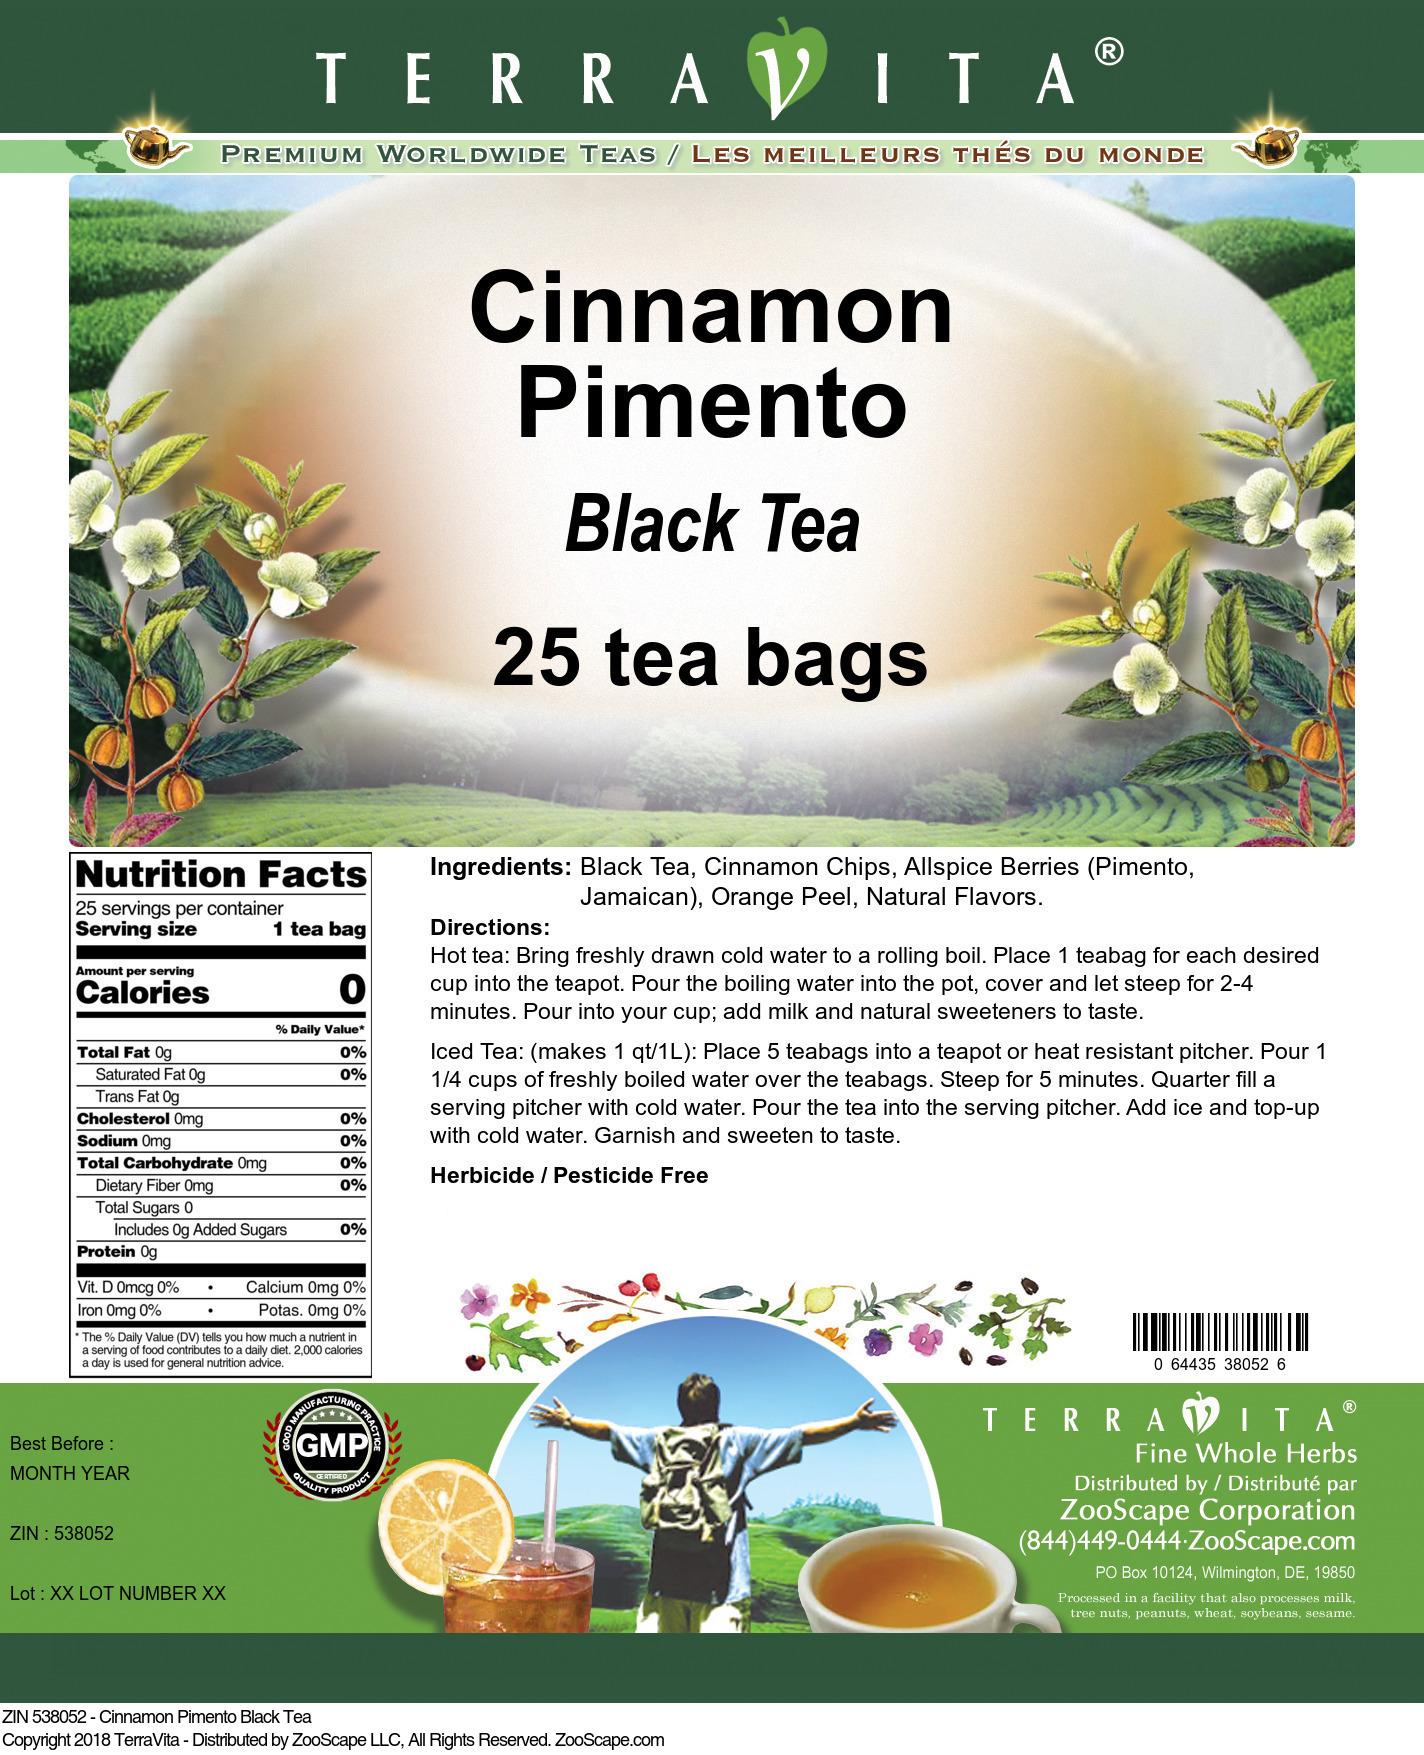 Cinnamon Pimento Black Tea